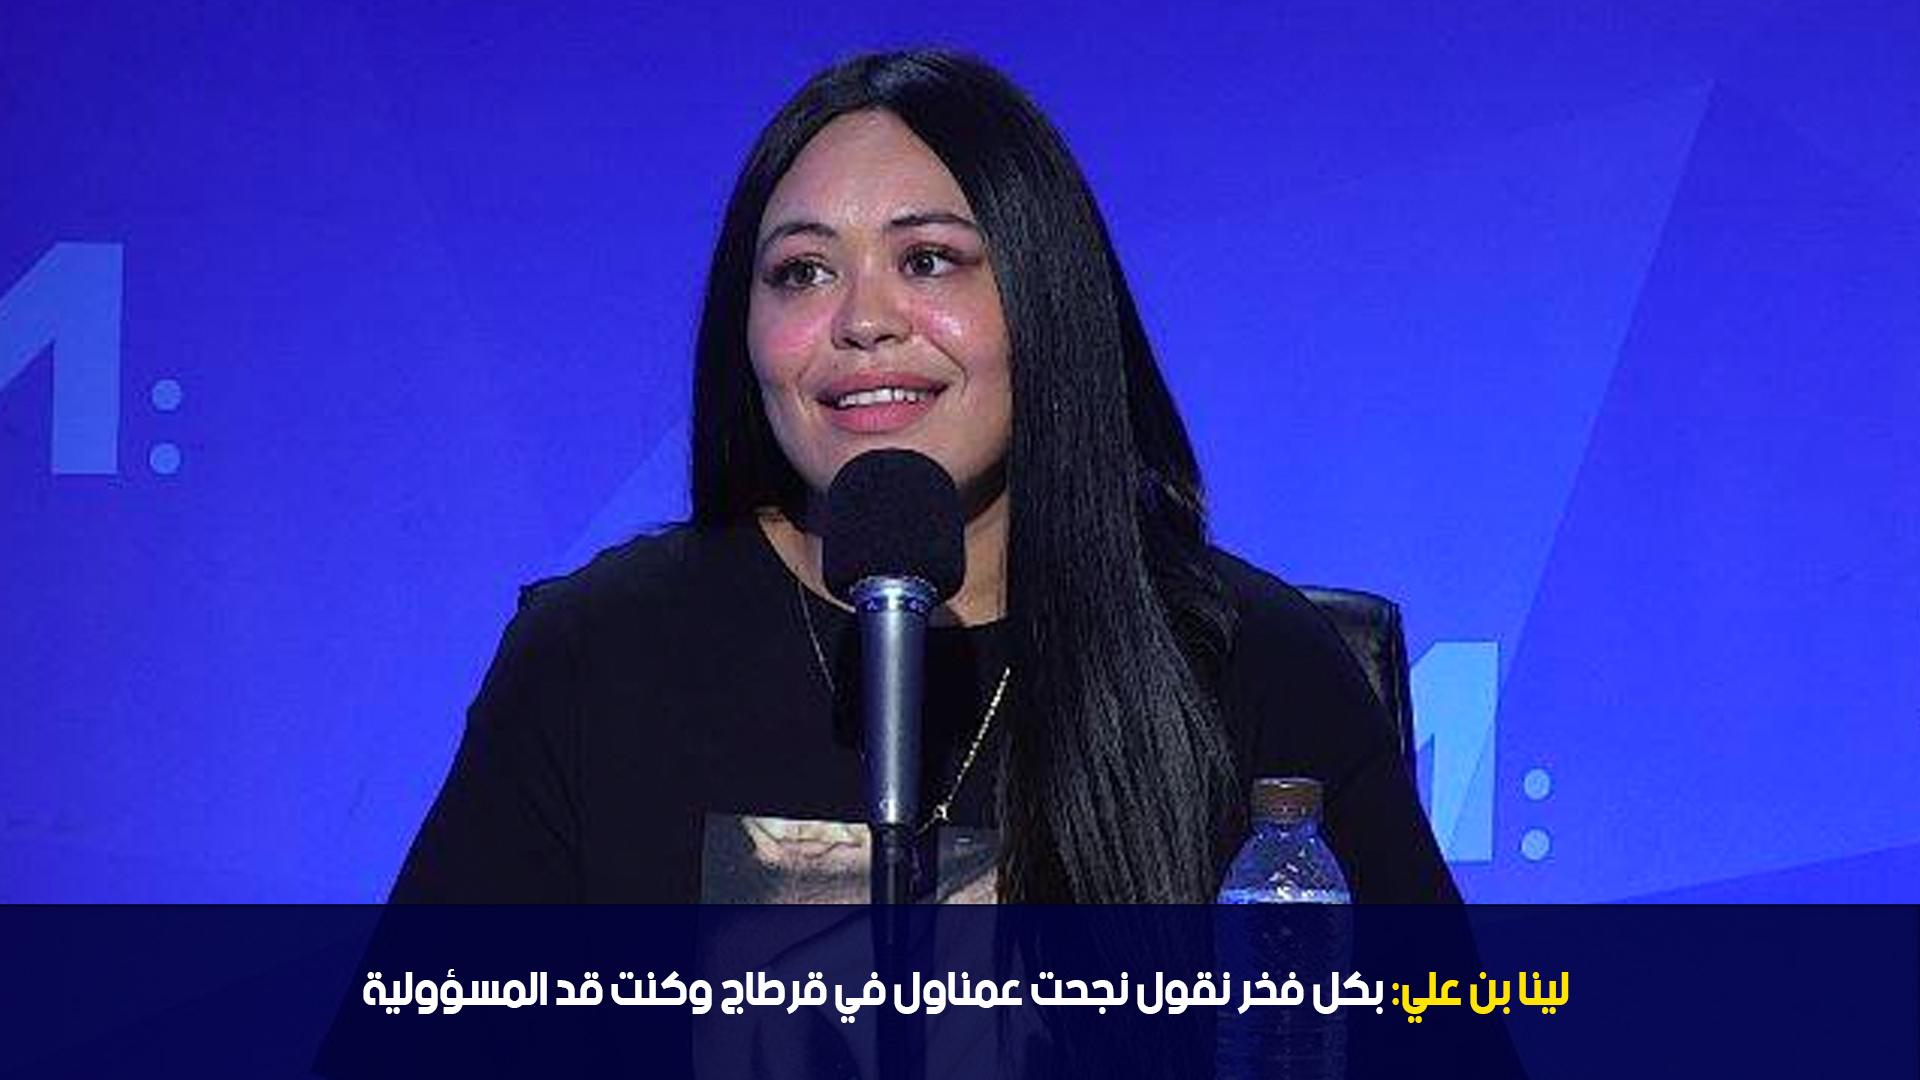 لينا بن علي: بكل فخر نقول نجحت عمناول في قرطاج وكنت قد المسؤولية